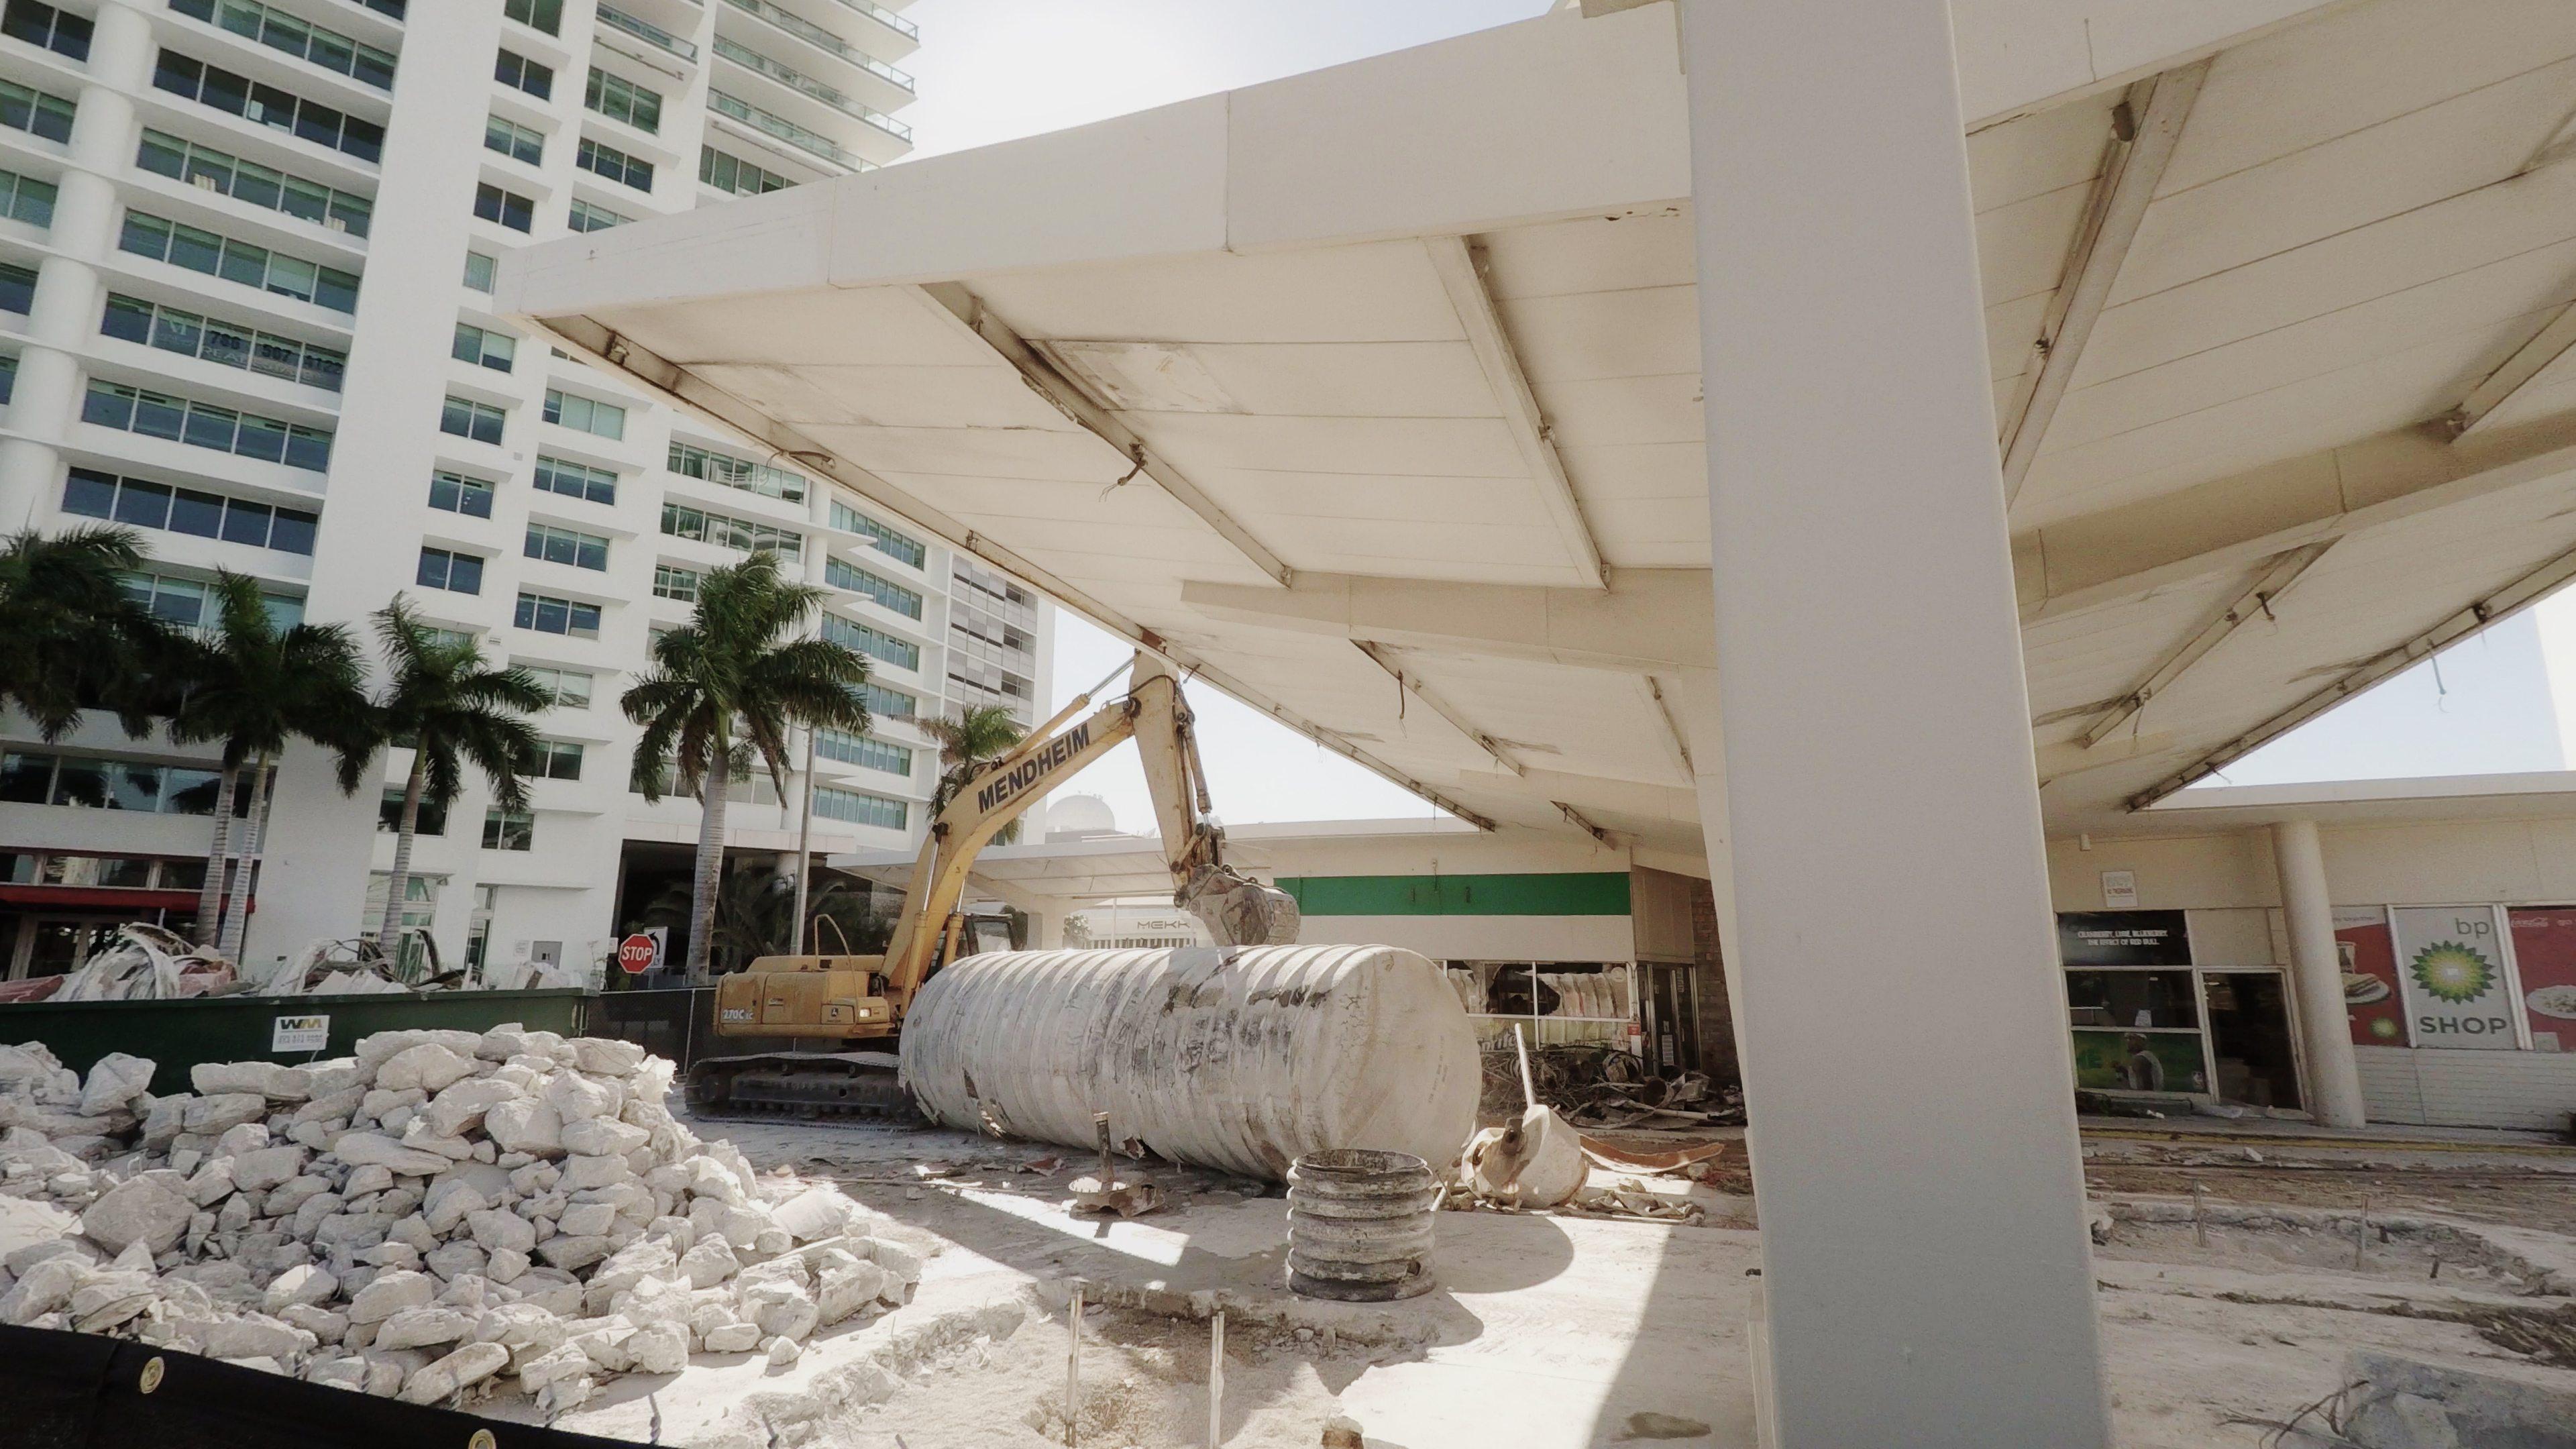 Demolition of BP gas station at 1000 Biscayne Blvd